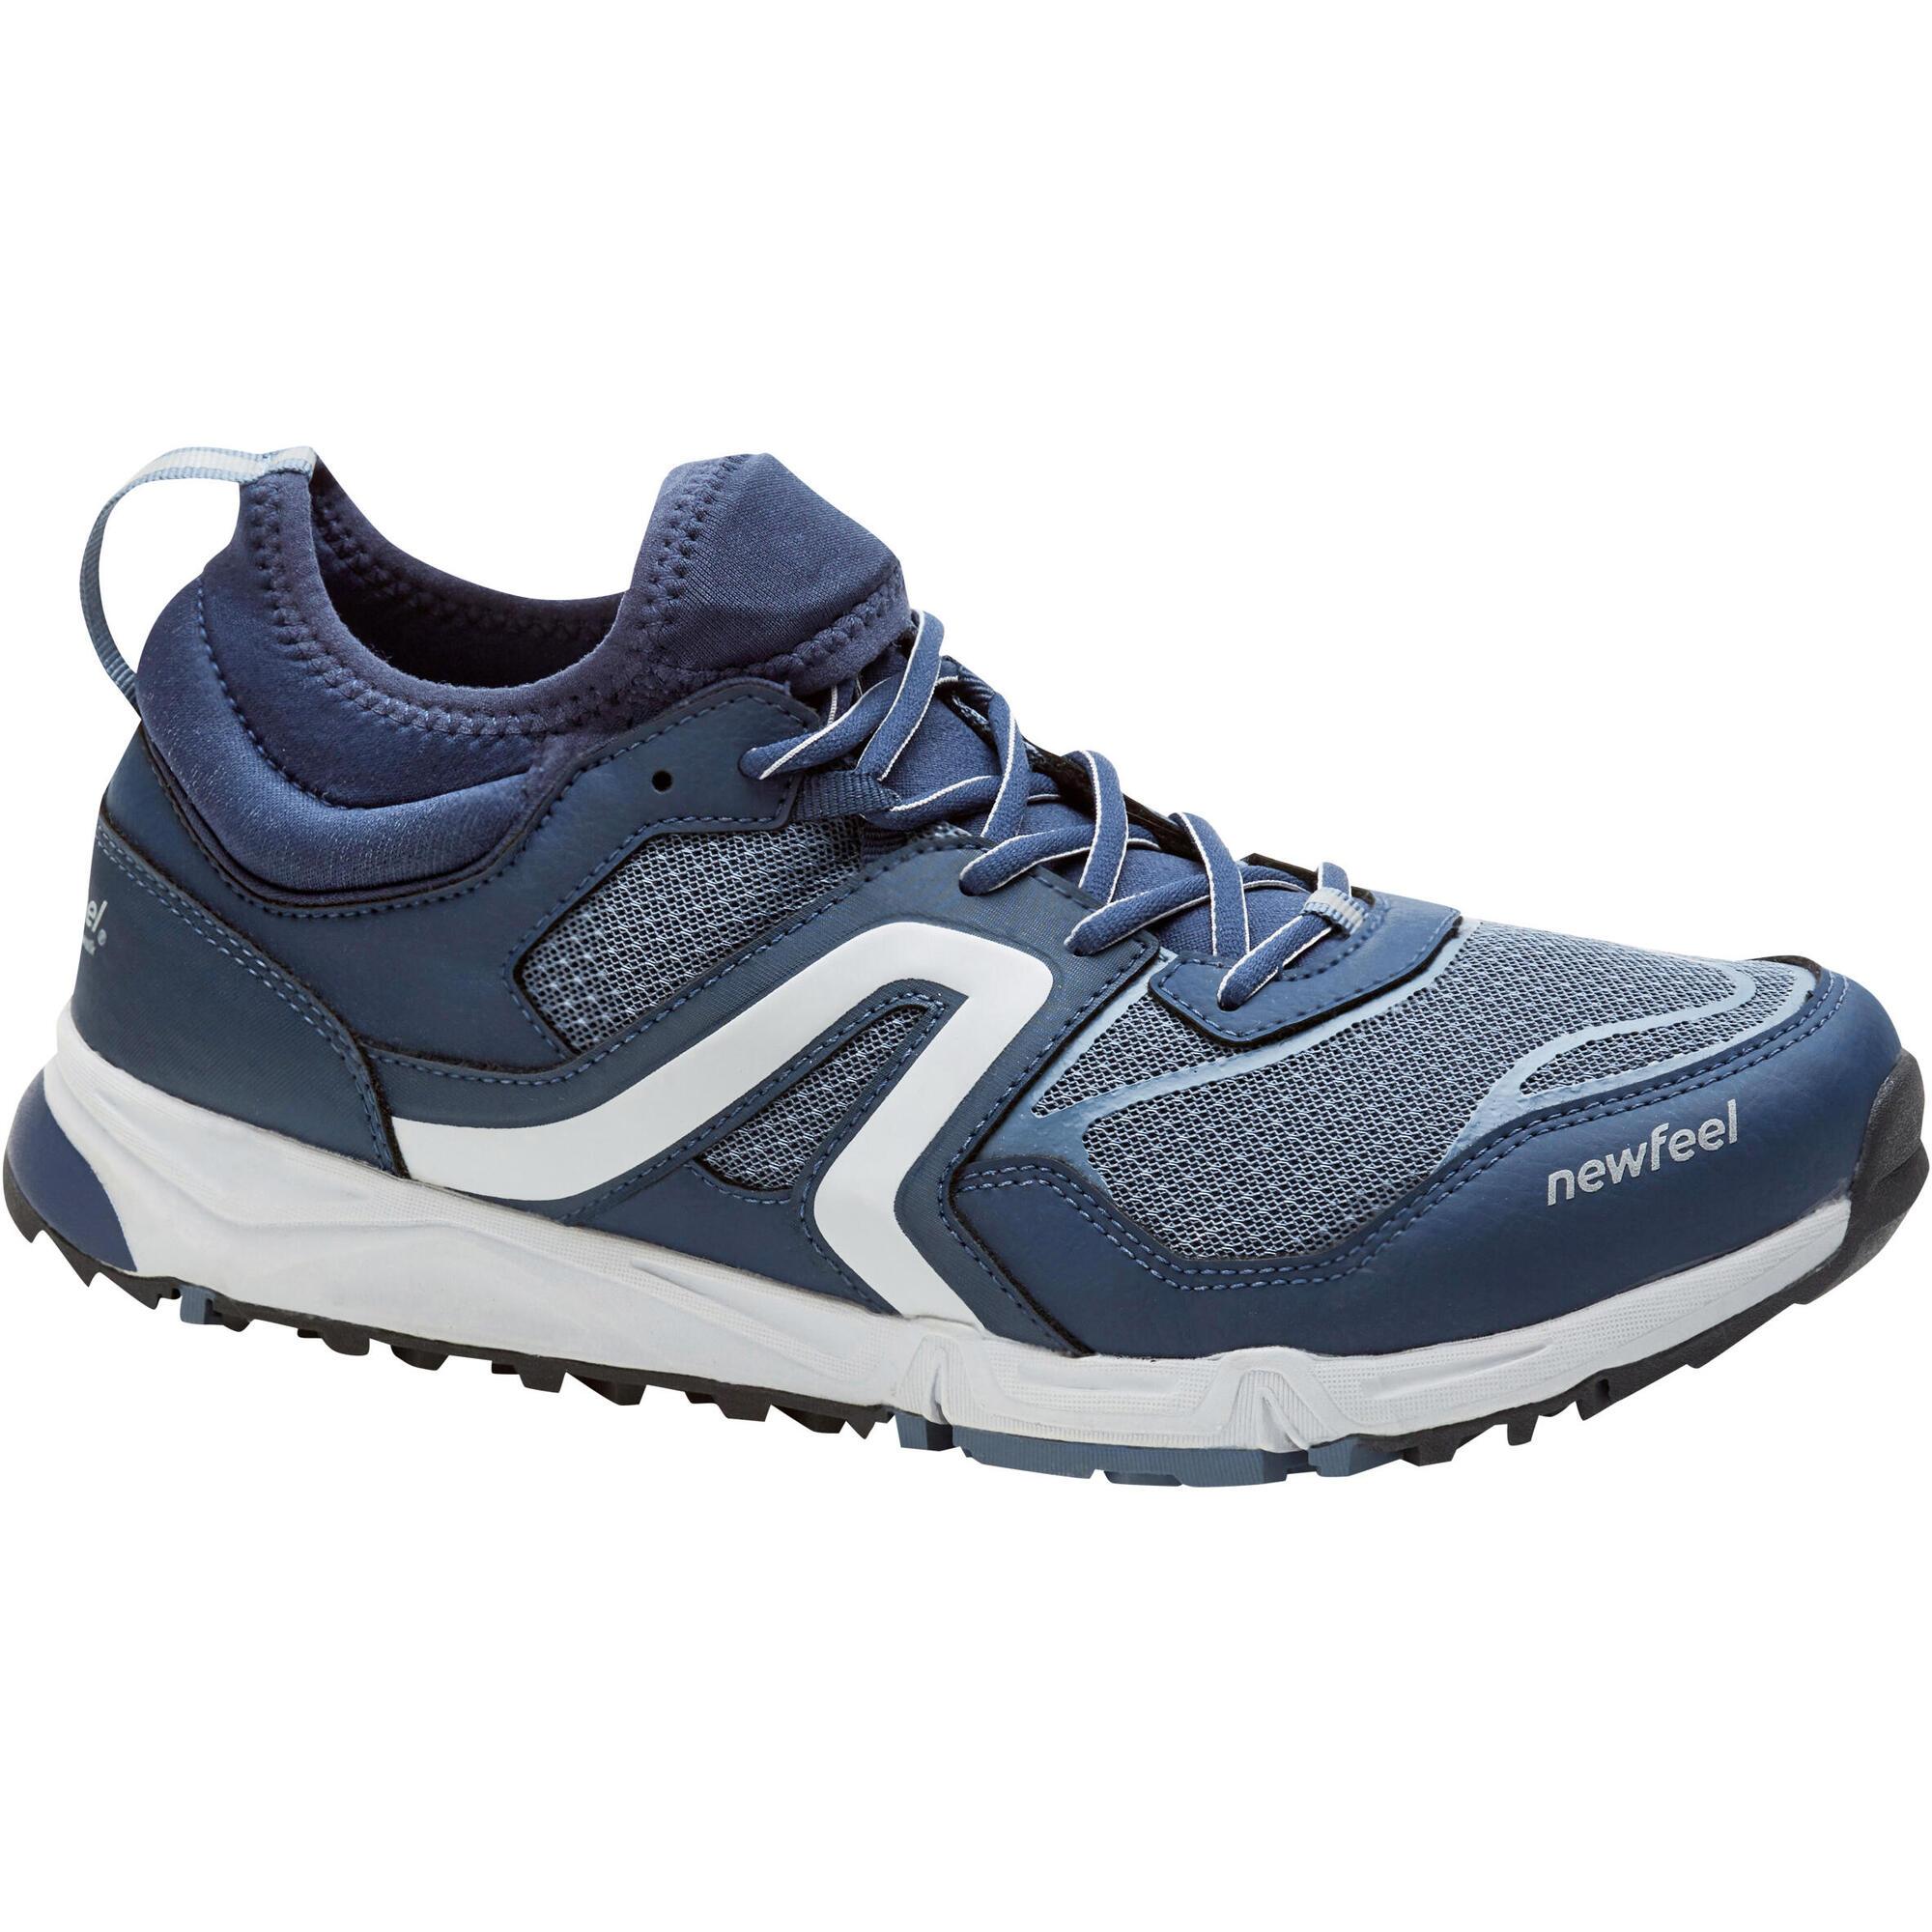 Marine De H Marche Chaussures Nw 500 Flex Nordique Gris Bleu Homme trdCsQh